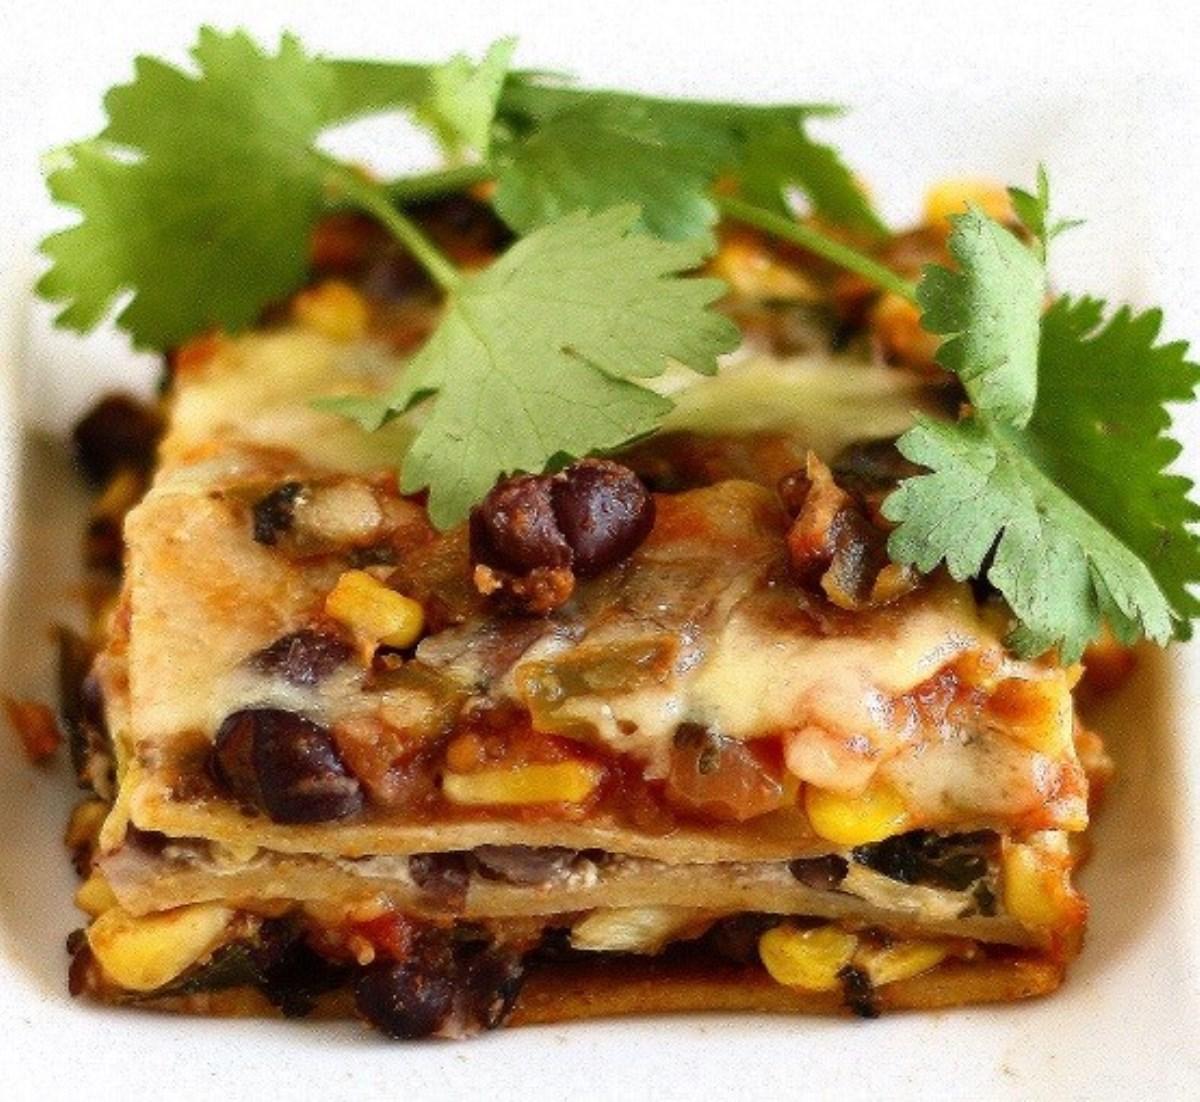 طرز تهیه غذای ملل لازانیای مکزیکی